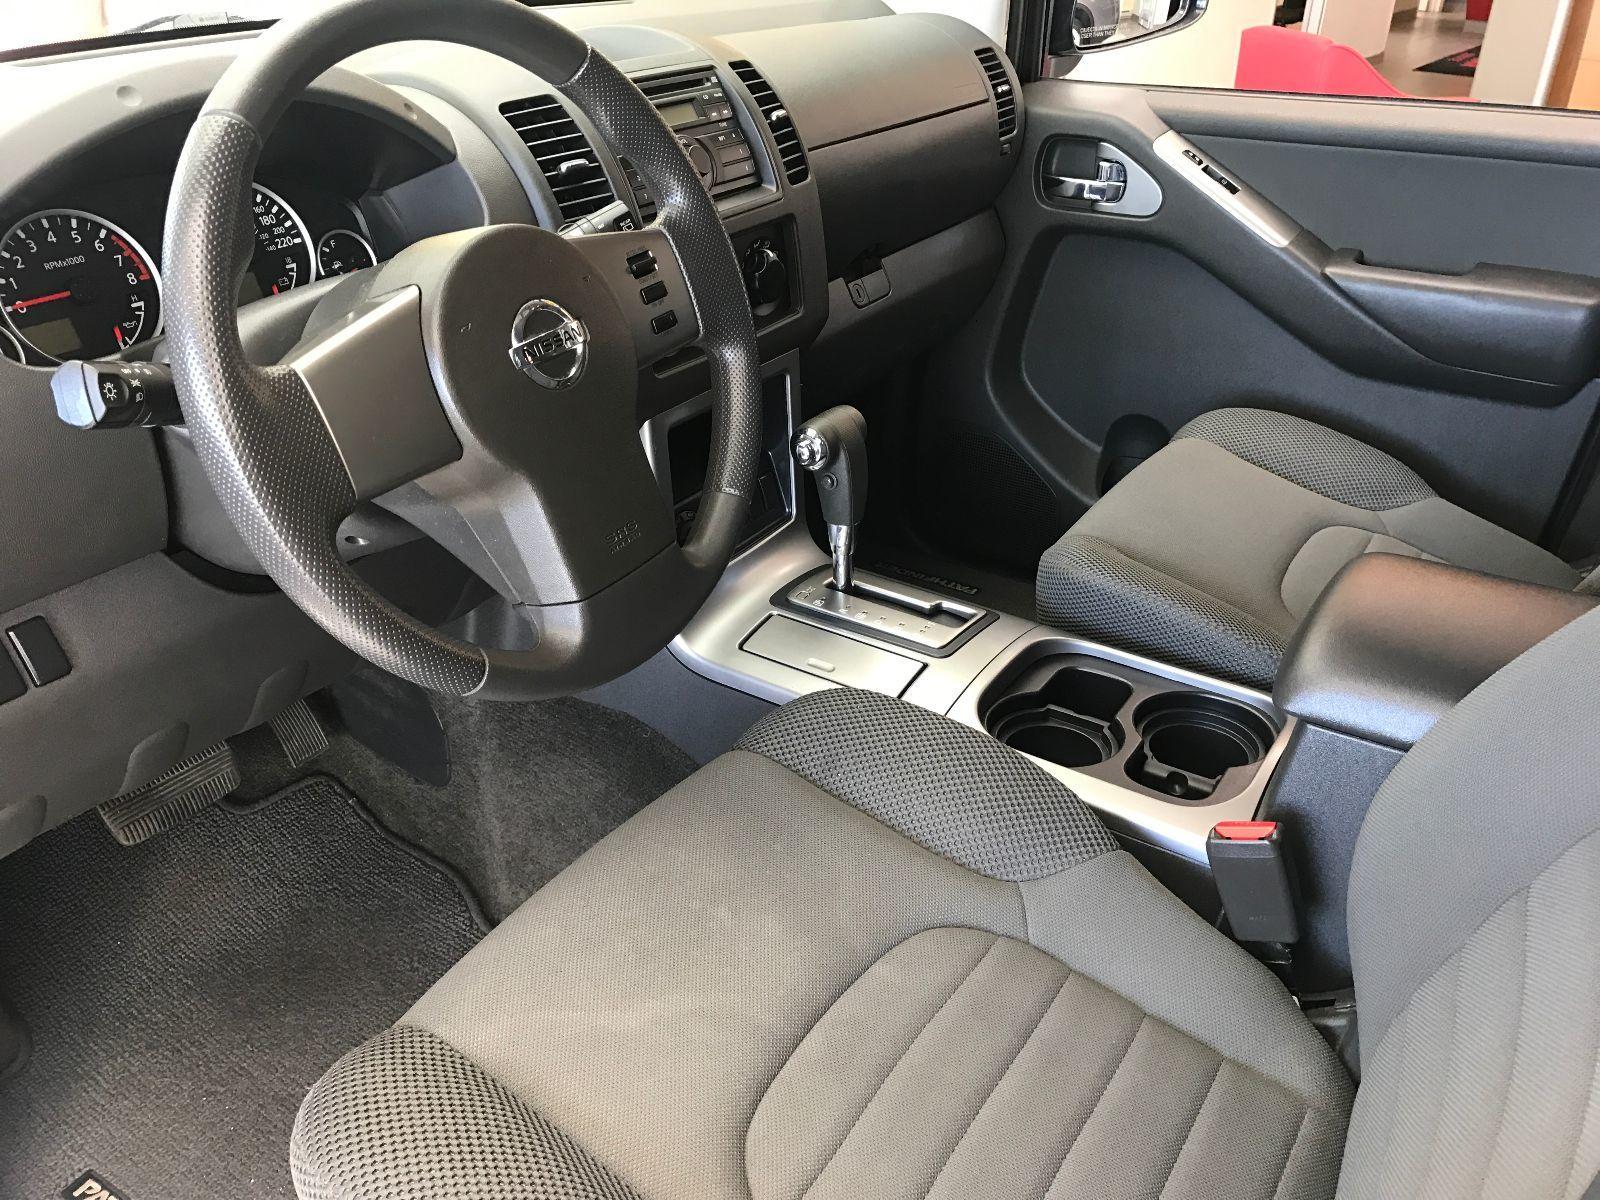 pathfinder still warranty vehicles for nissan sale qatar living under